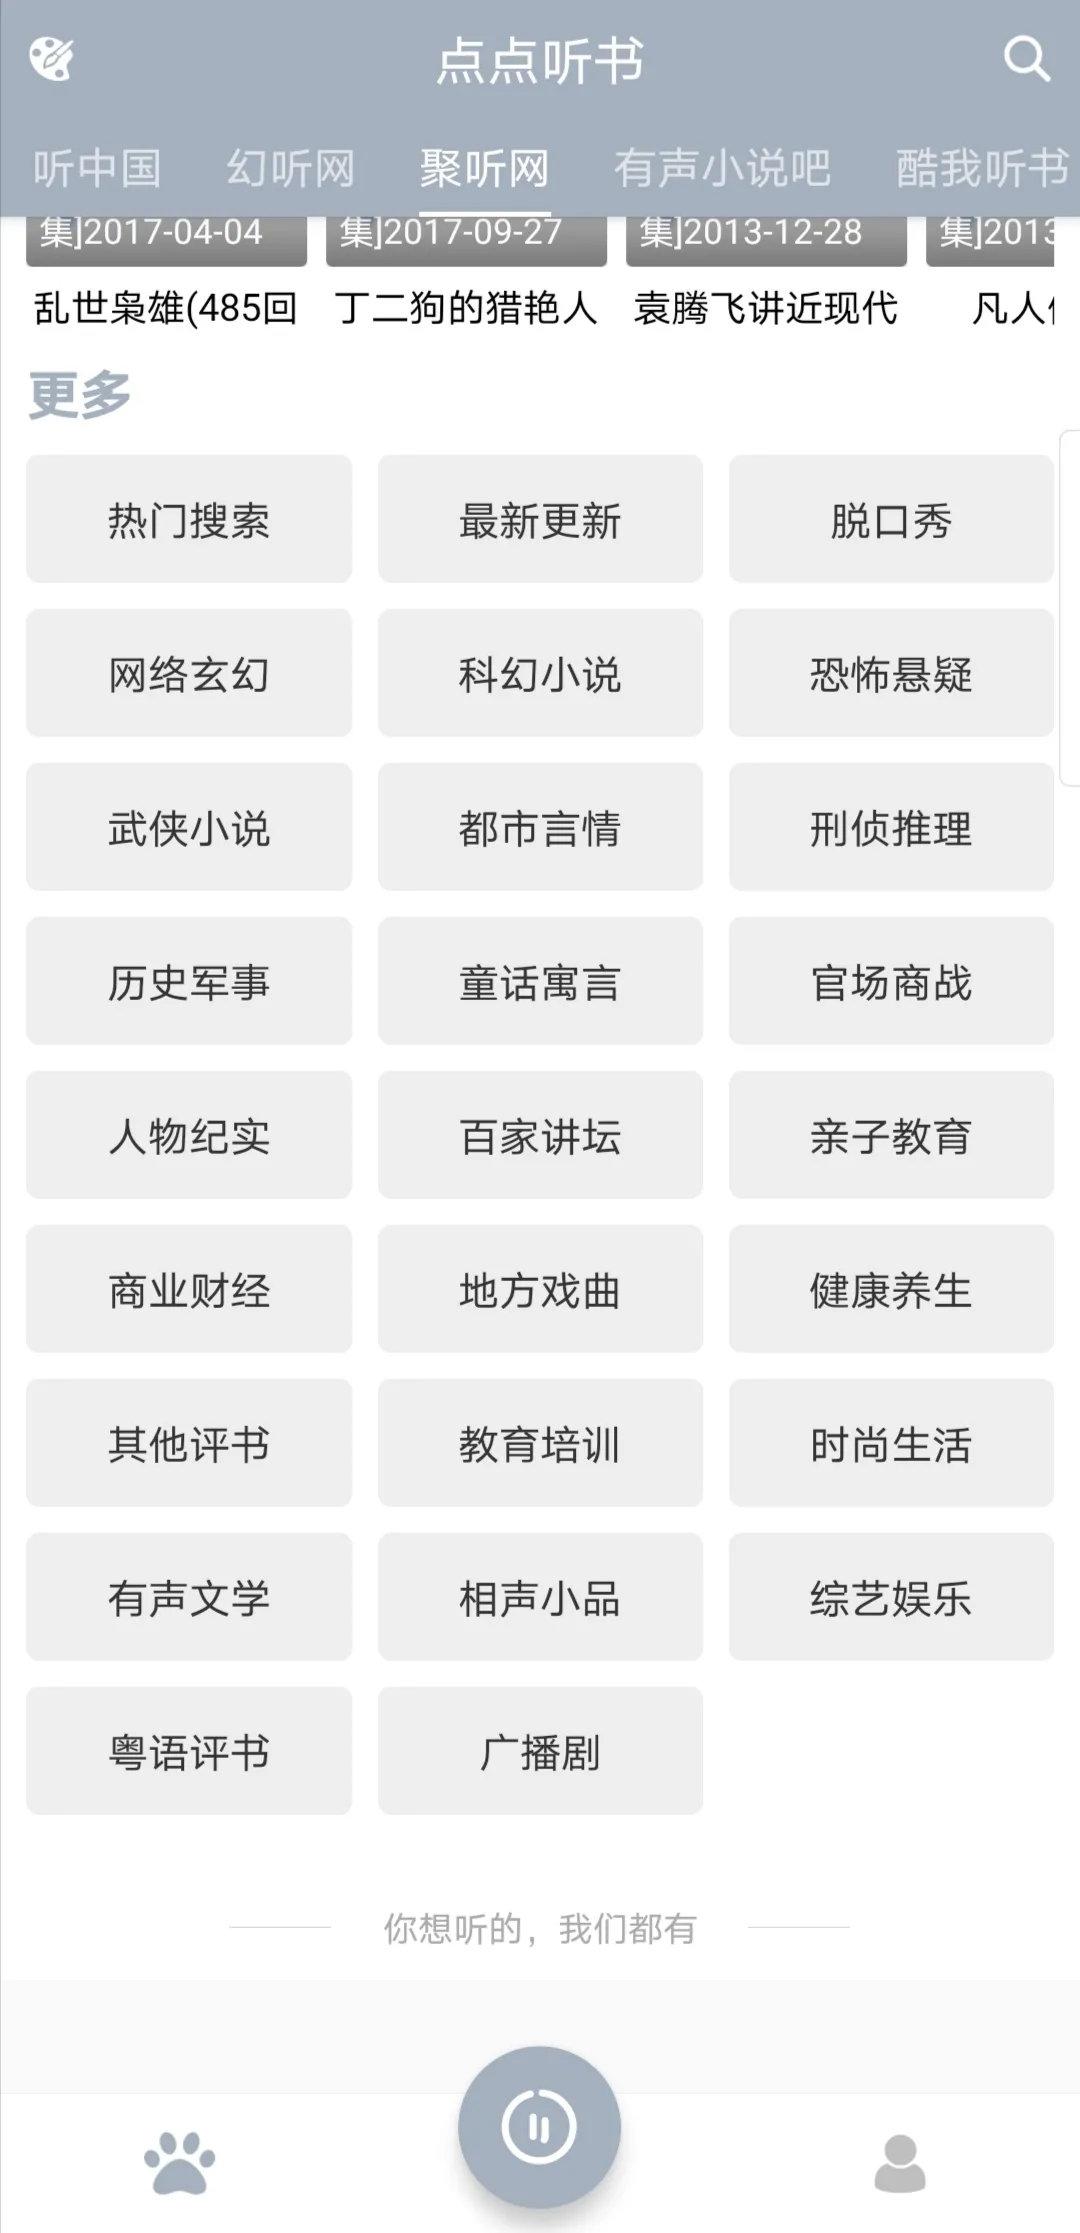 软件推荐[Android]卧槽,直接破解11个平台?